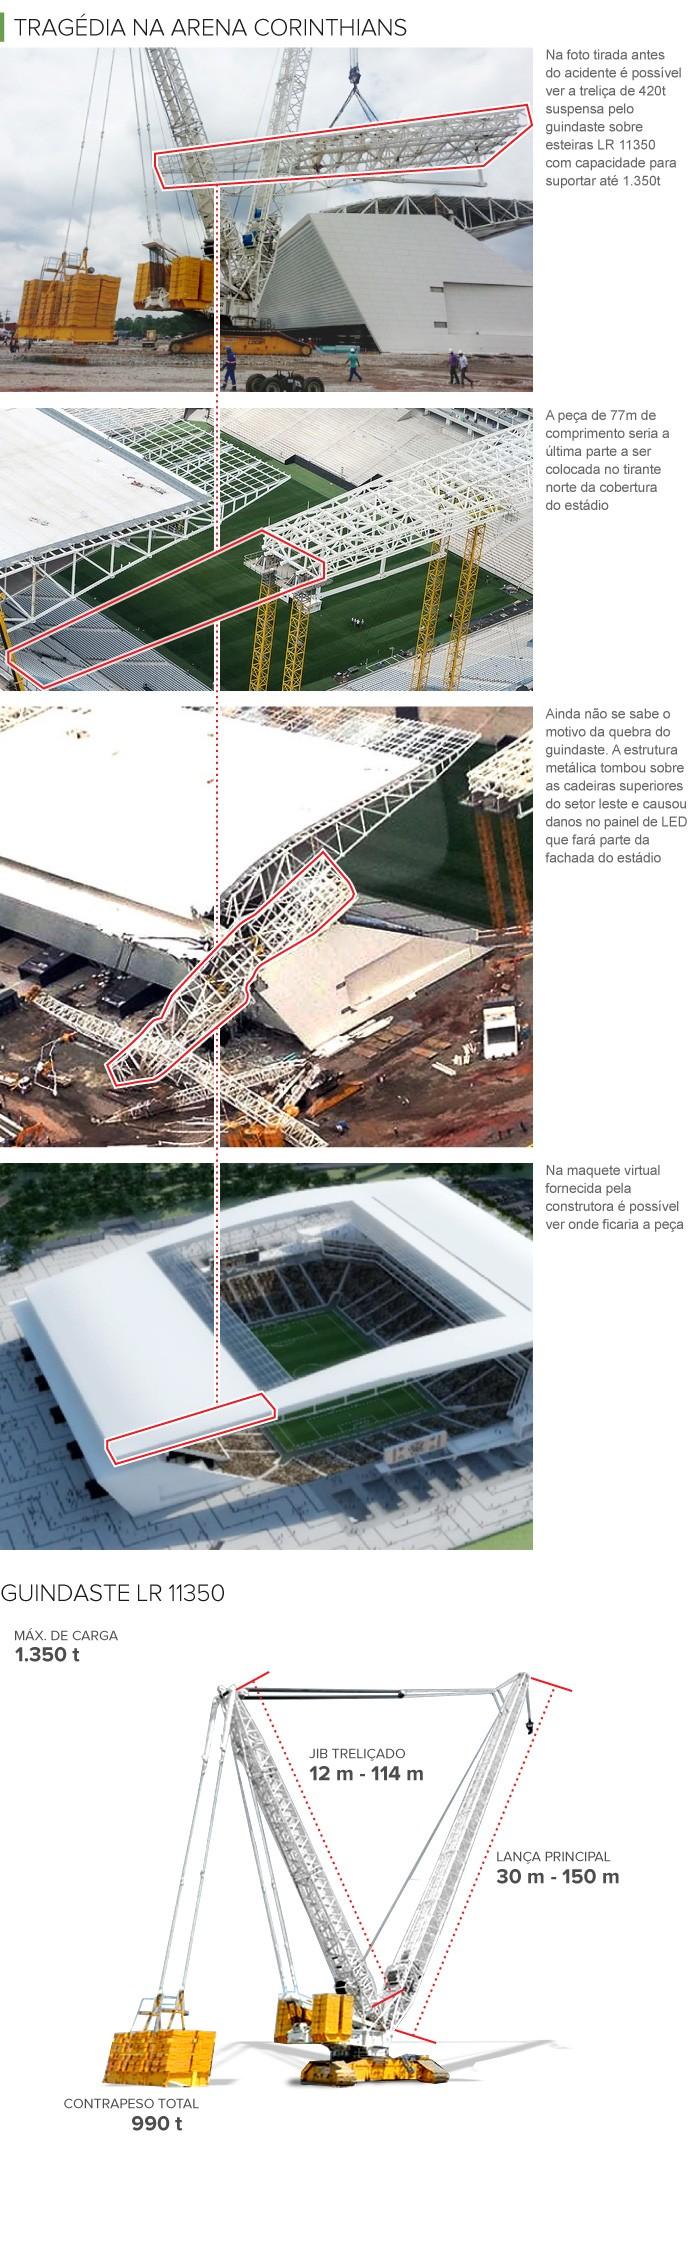 info acidente arena corinthians - 2 (Foto: arte esporte)